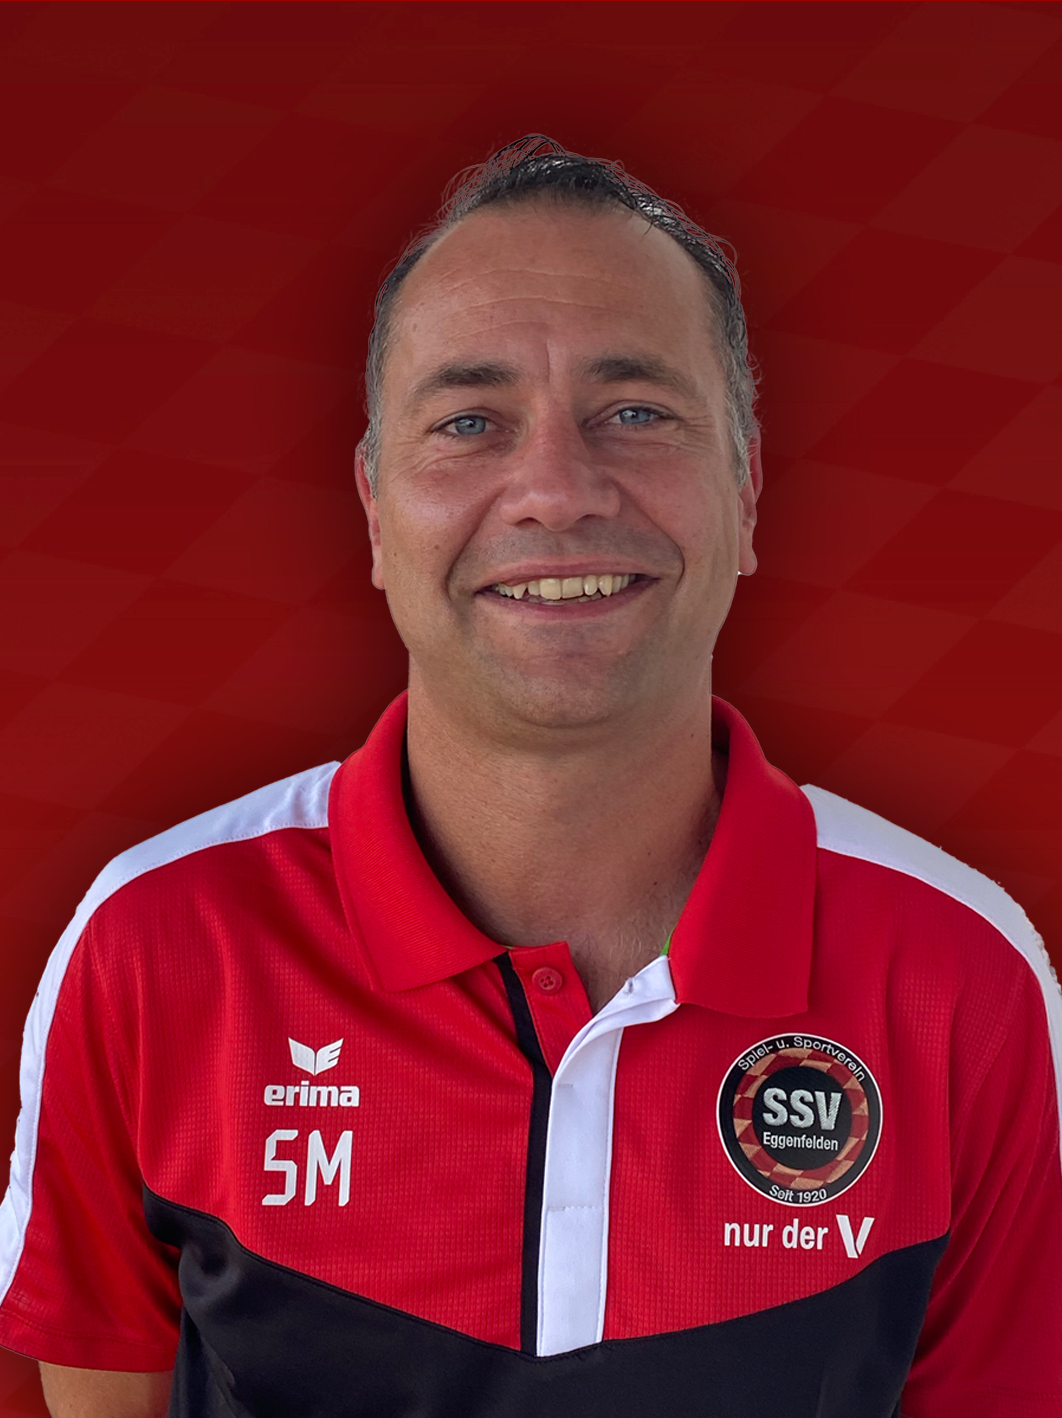 Marco Steidl